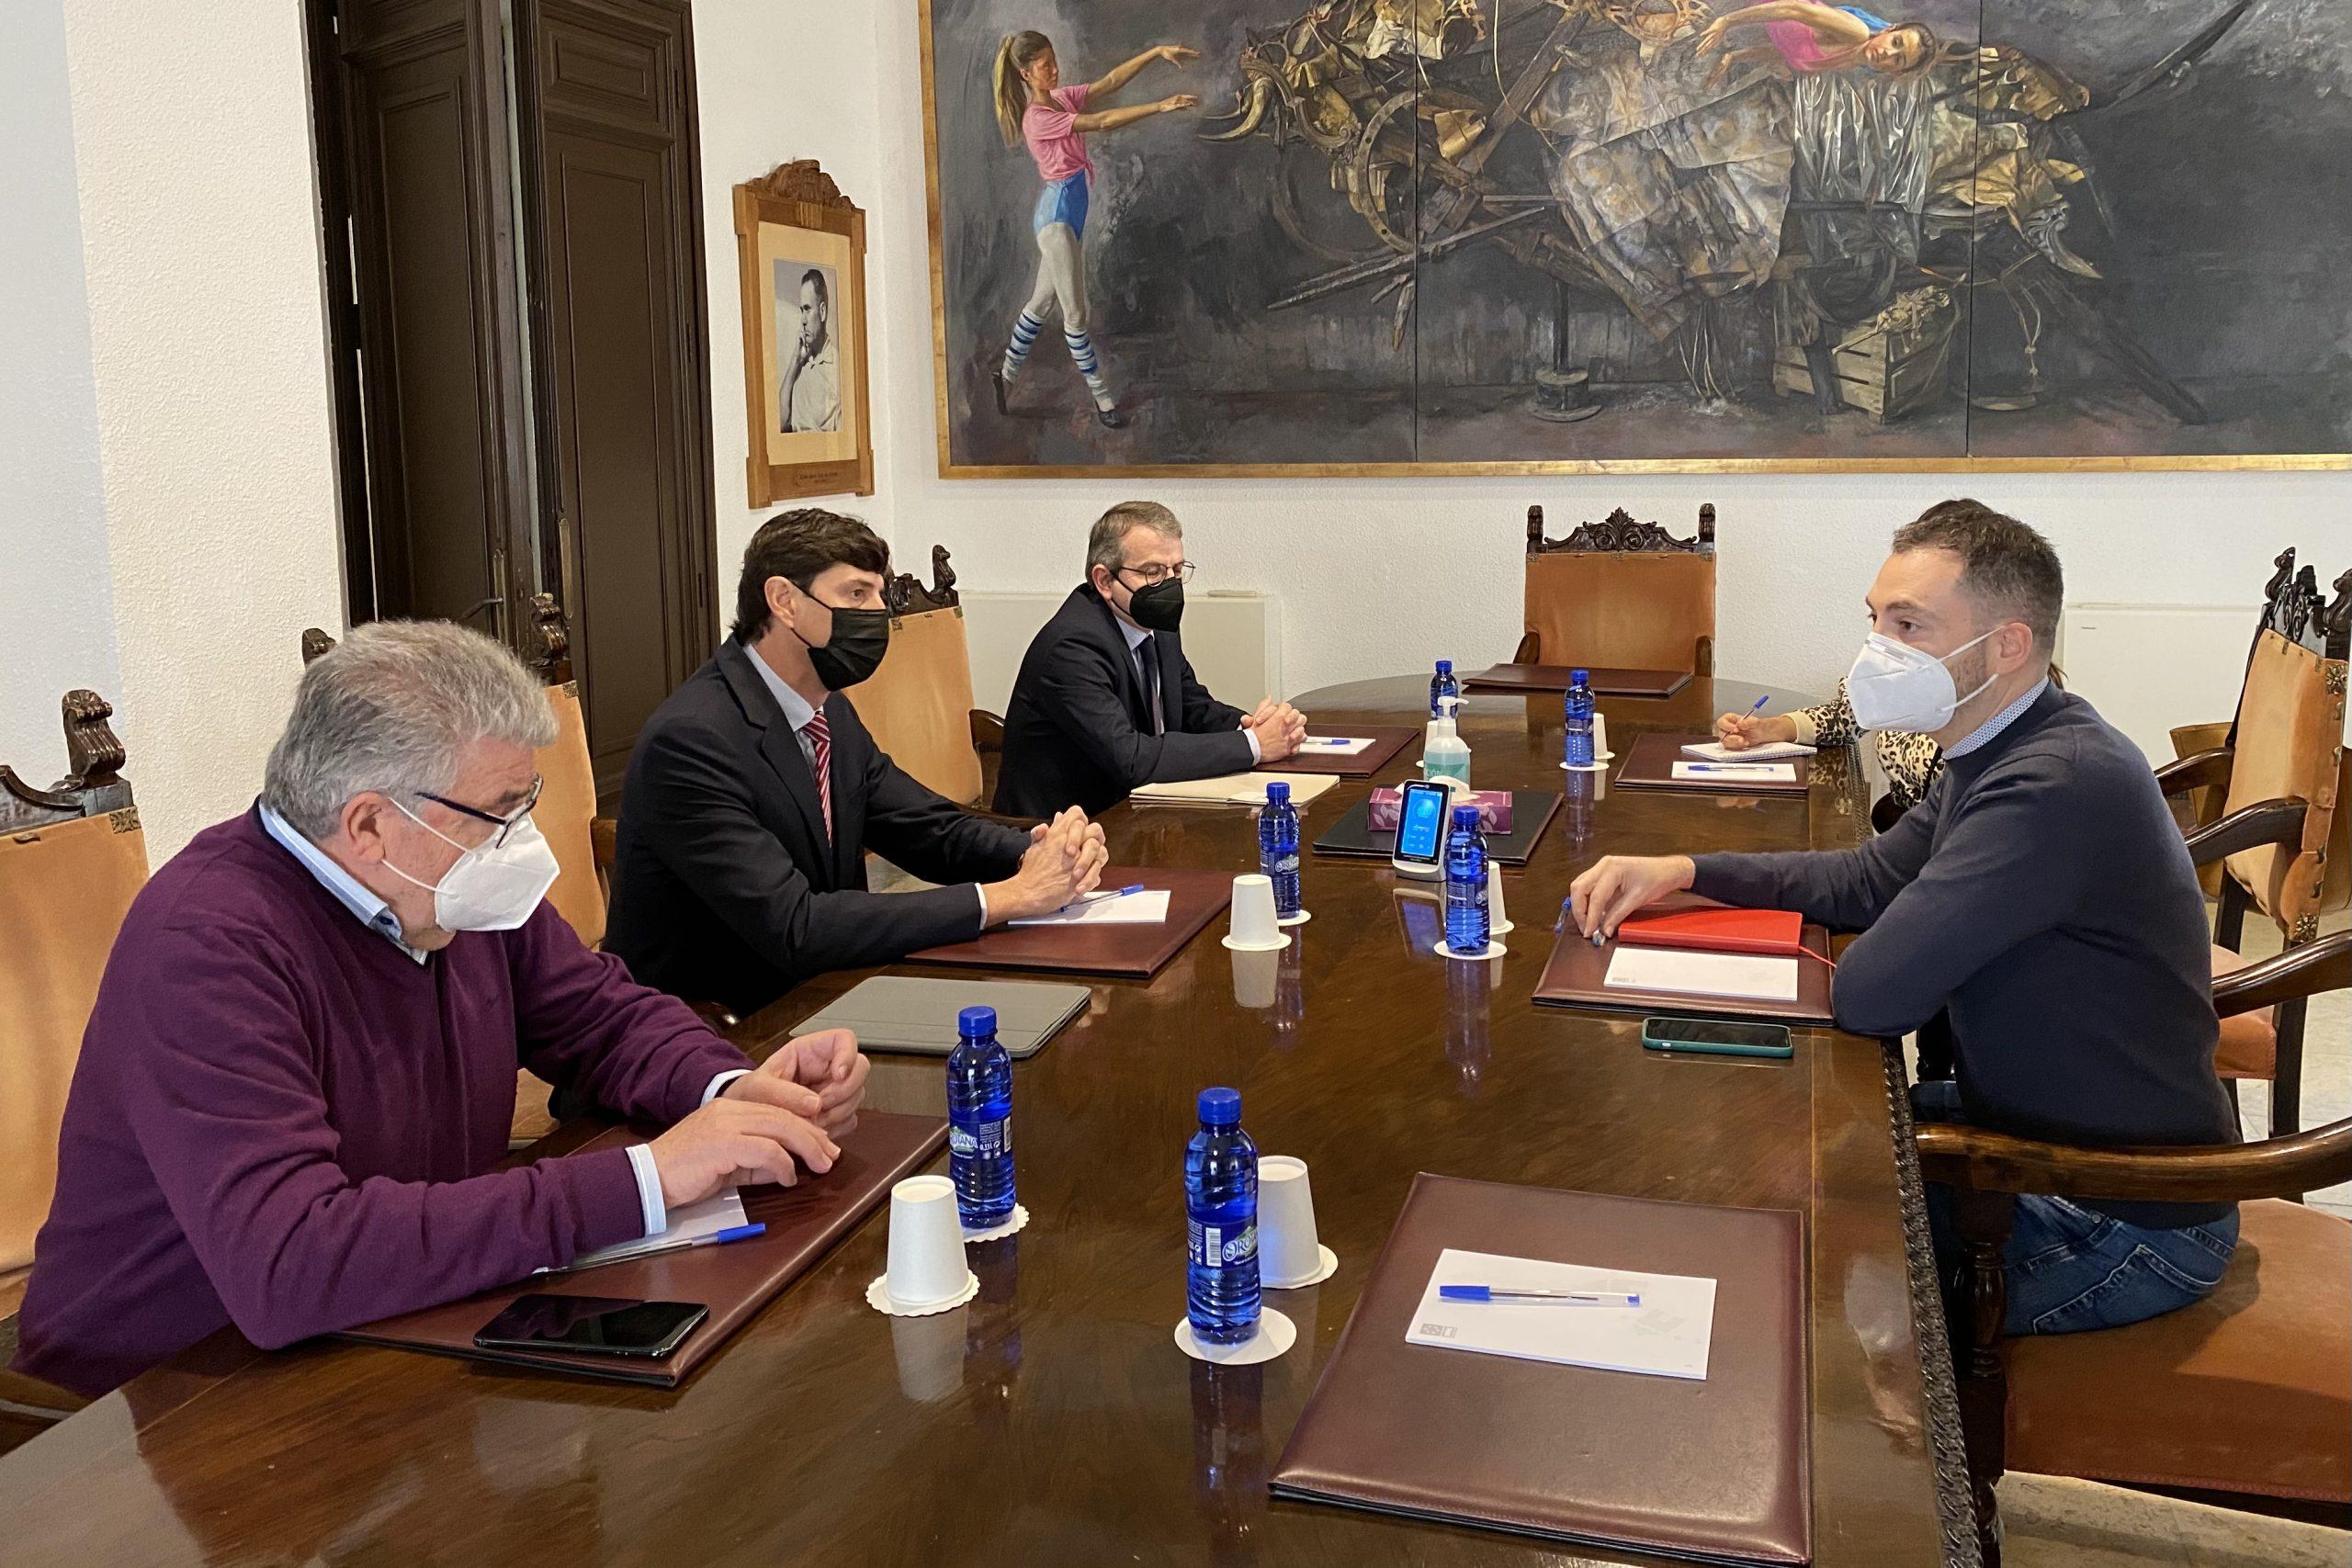 La Diputación de Castellón reforzará la promoción del uso de la cerámica en ámbitos urbanos fuera de la provincia